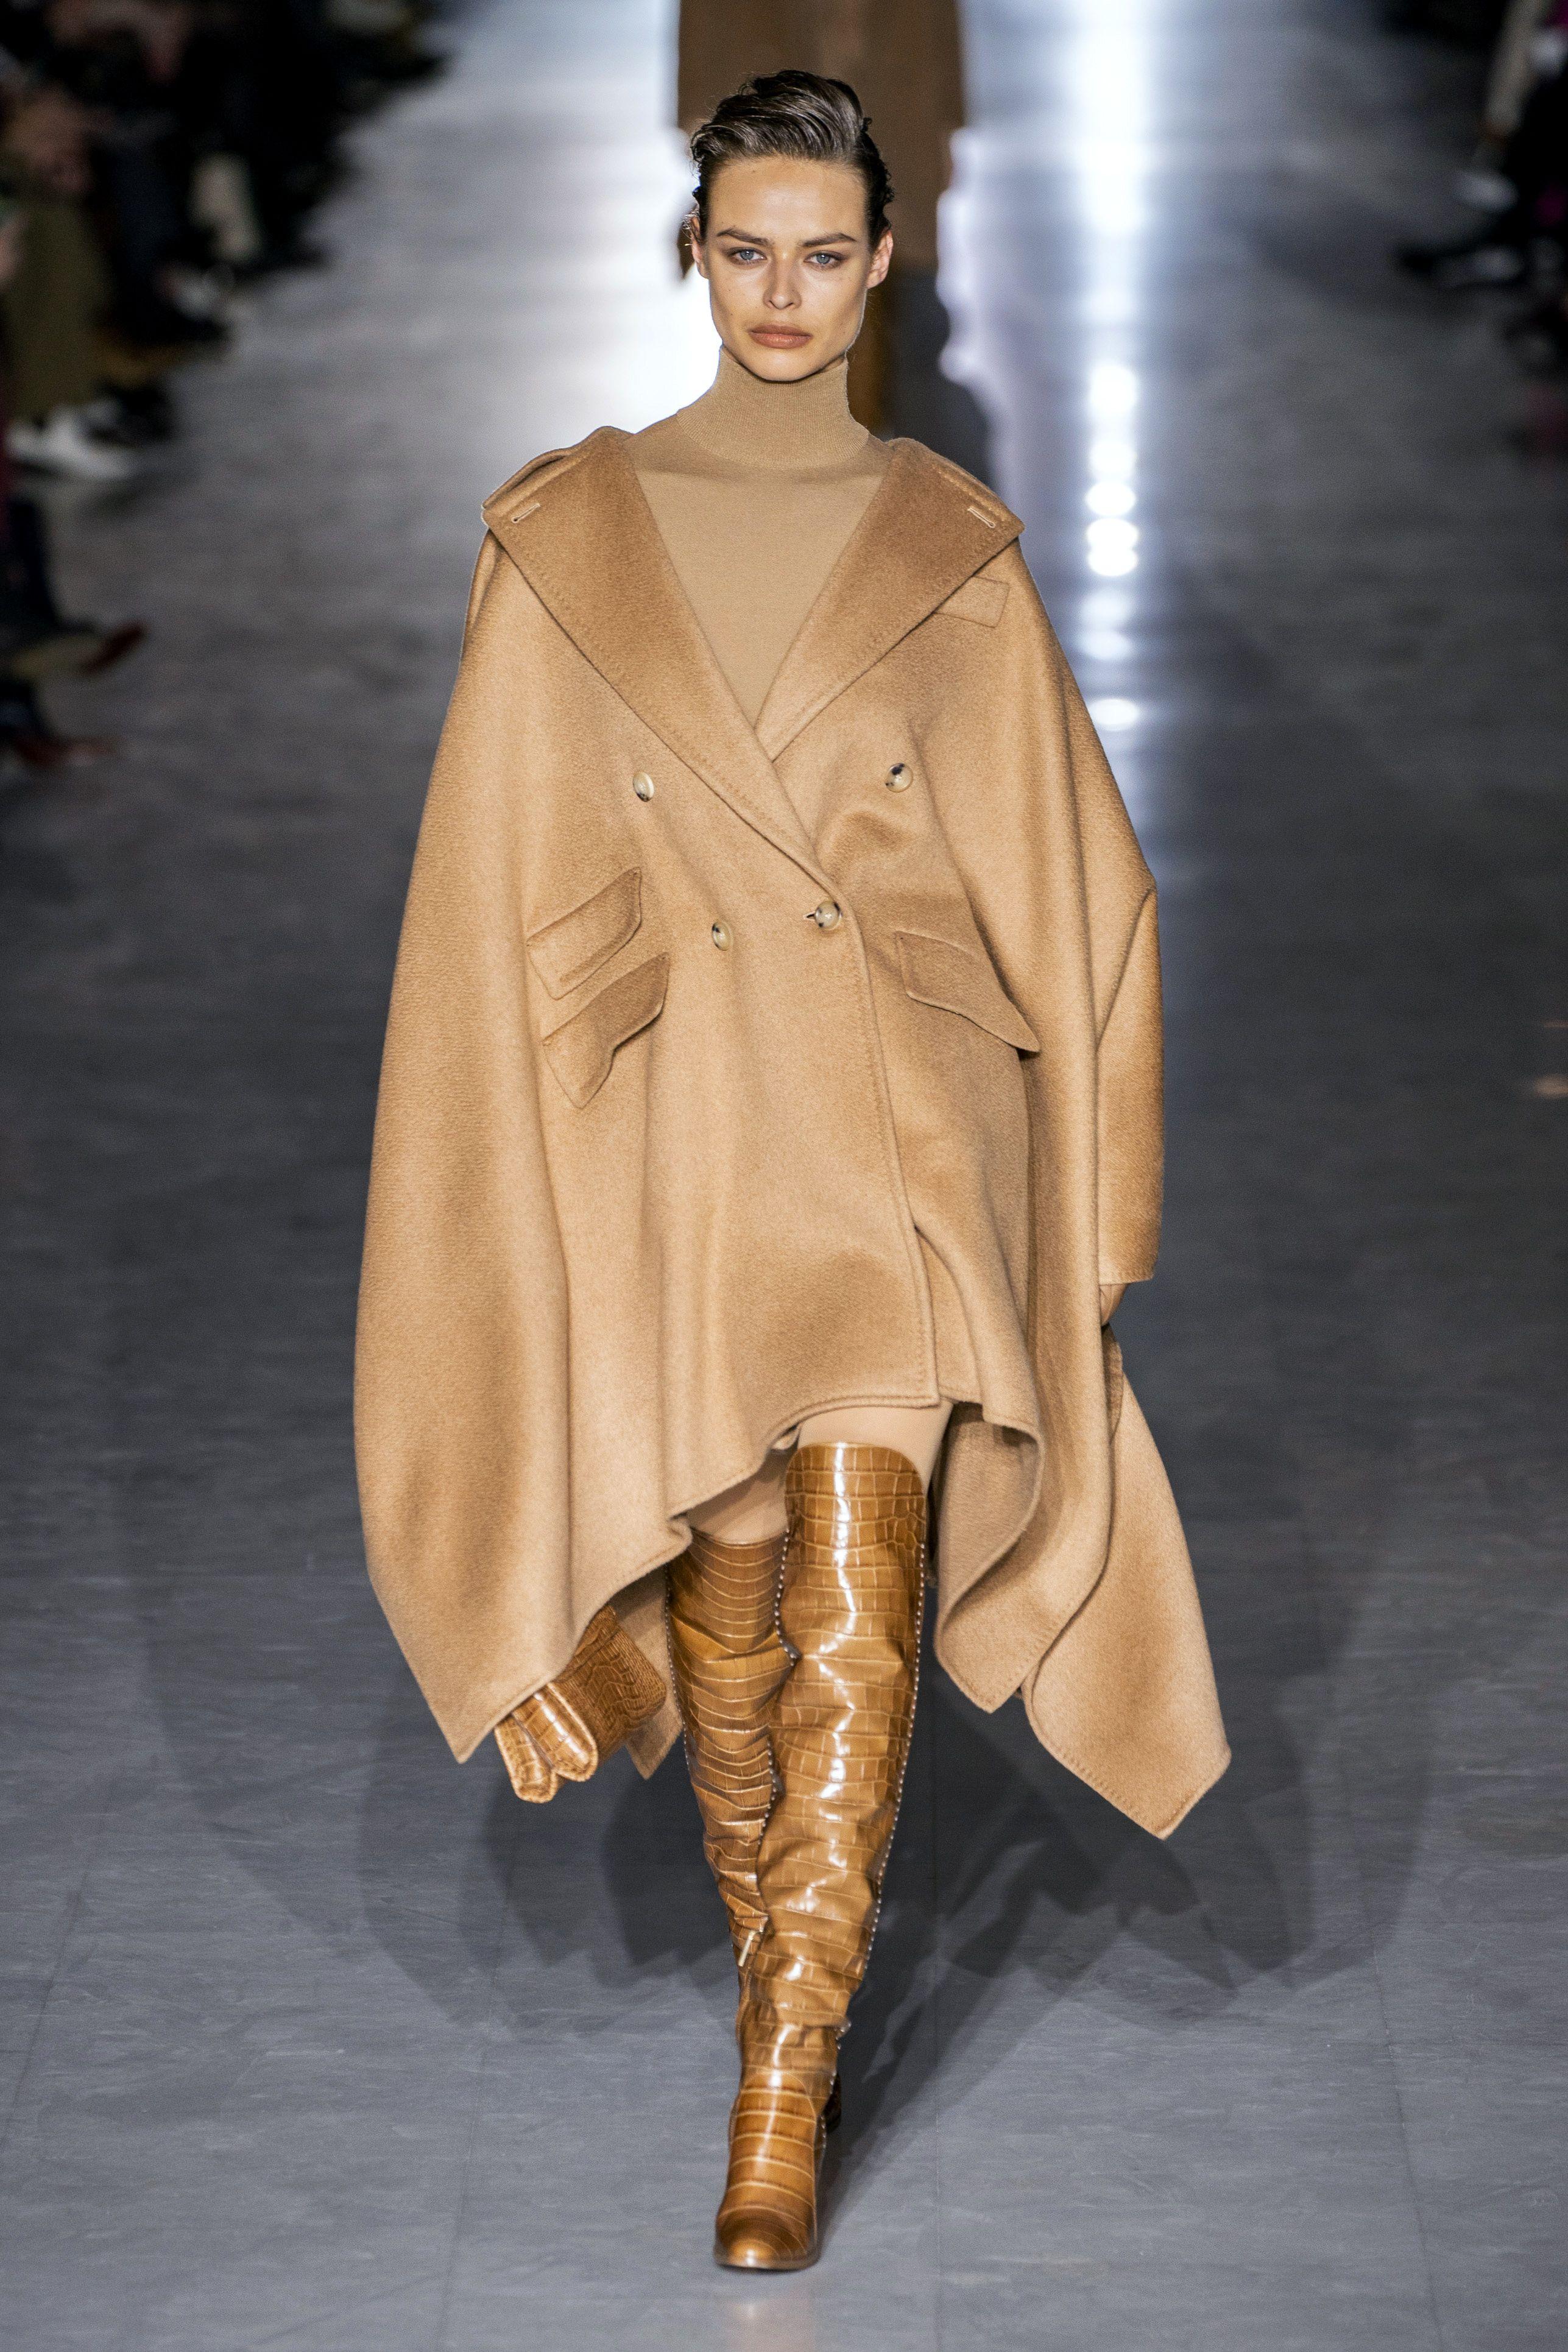 5 tendenze 2020 per cappotti donna invernali corti ma eleganti